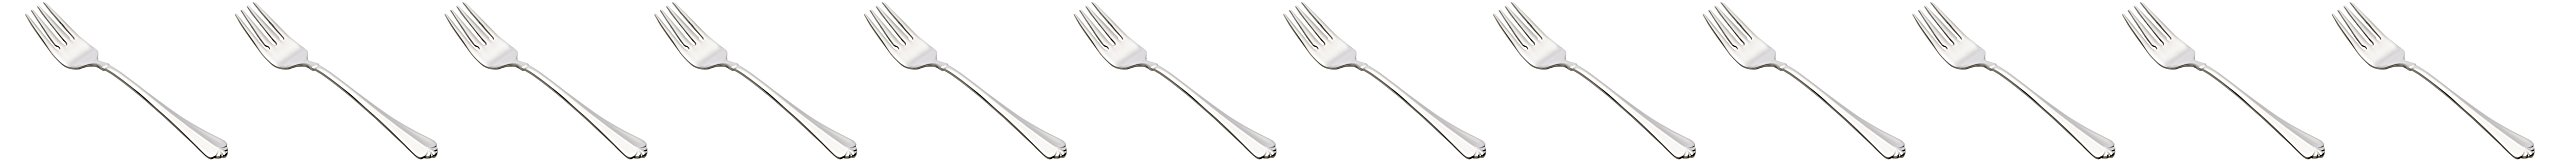 Oneida Foodservice 2273FSLF Juilliard Salad Fork (Set of 12) 12 Stainless Steel